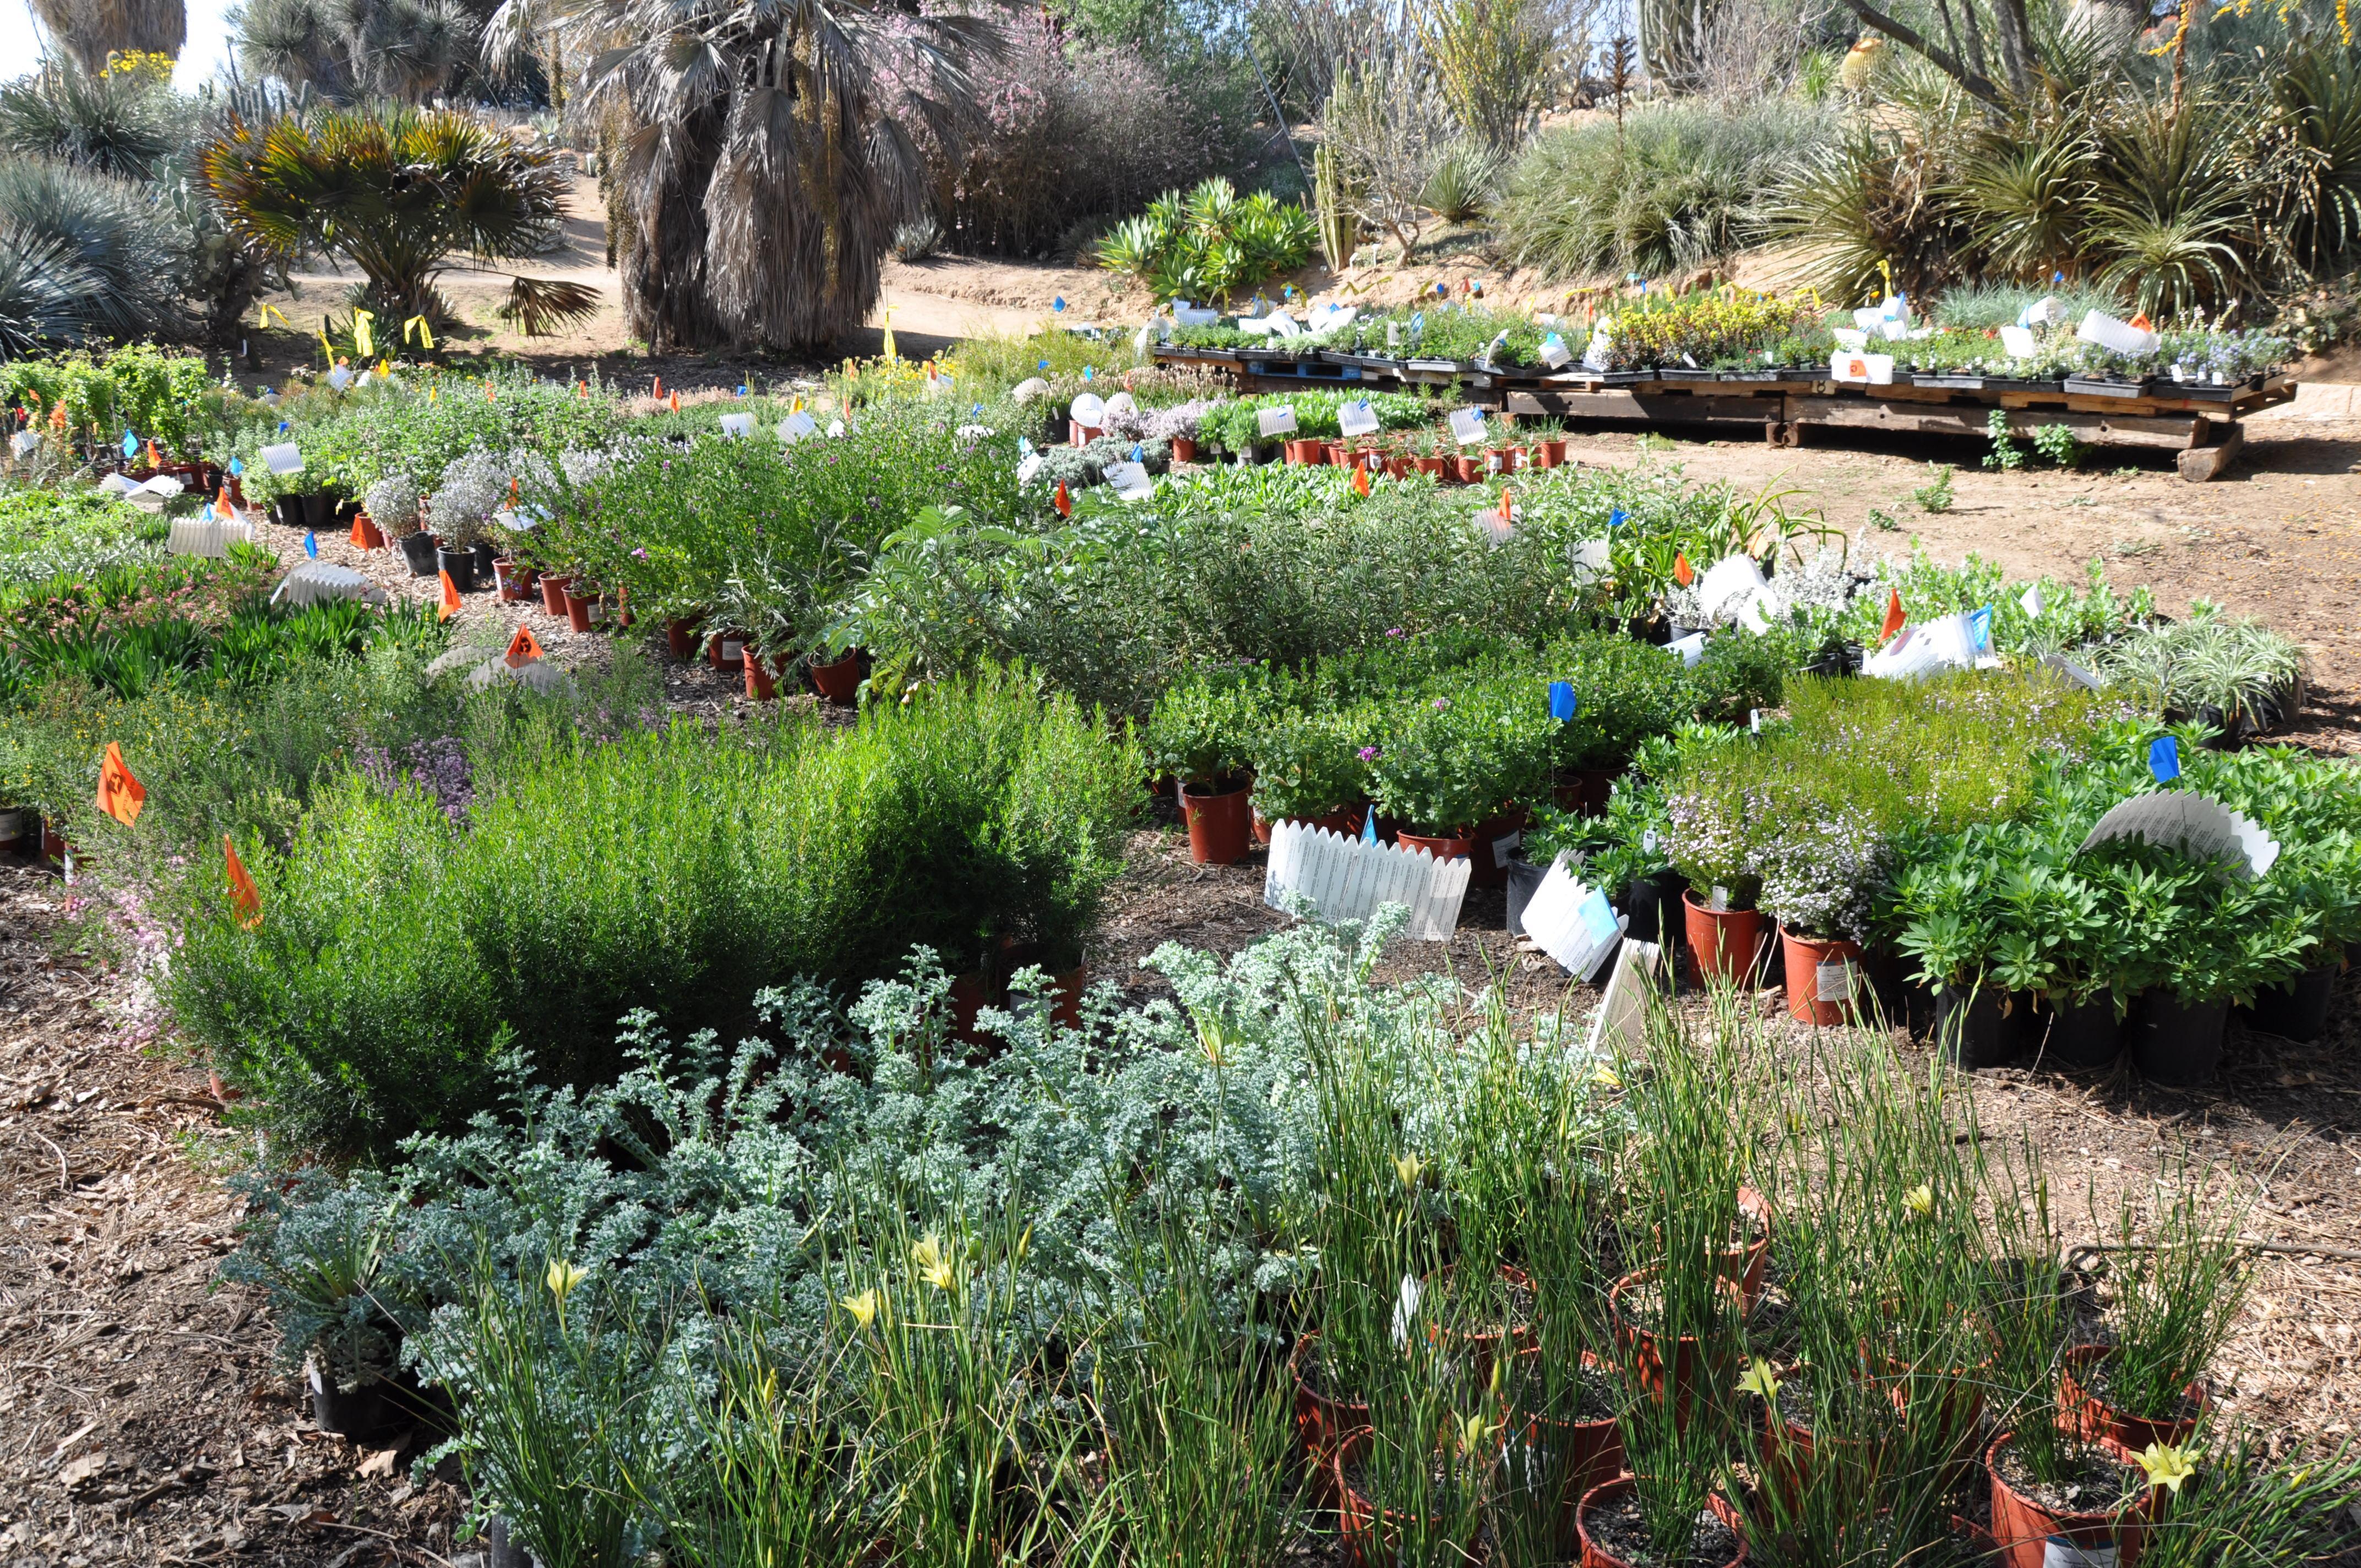 Conocimientos tradicionales jardines bot nicos dcc uaem for Plantas de un jardin botanico